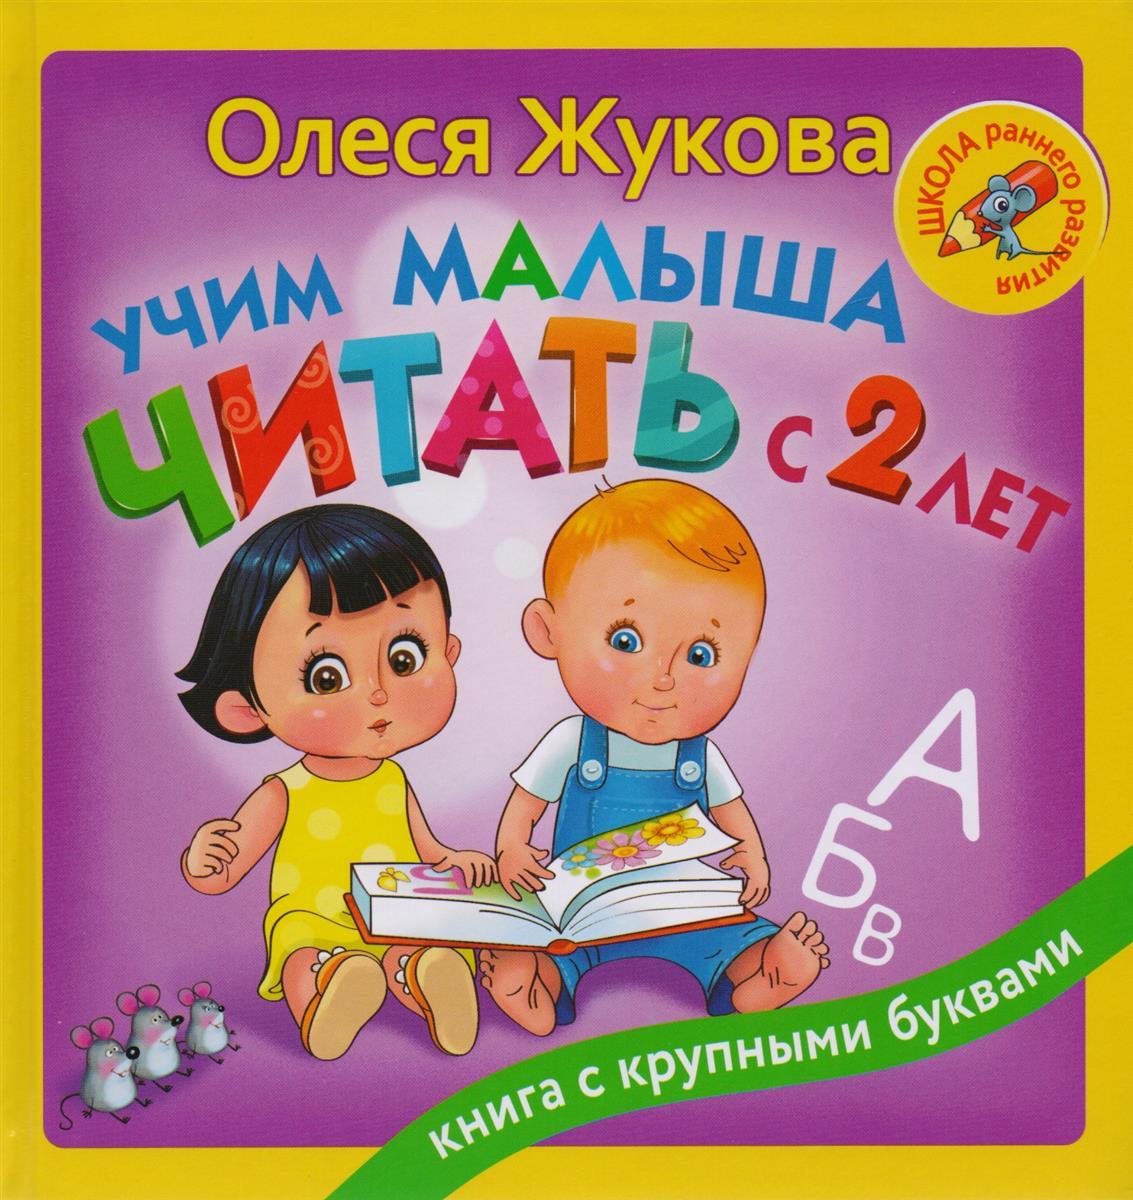 Жукова О. Учим малыша читать с 2-х лет жукова олеся станиславовна учим малыша читать с 2 х лет